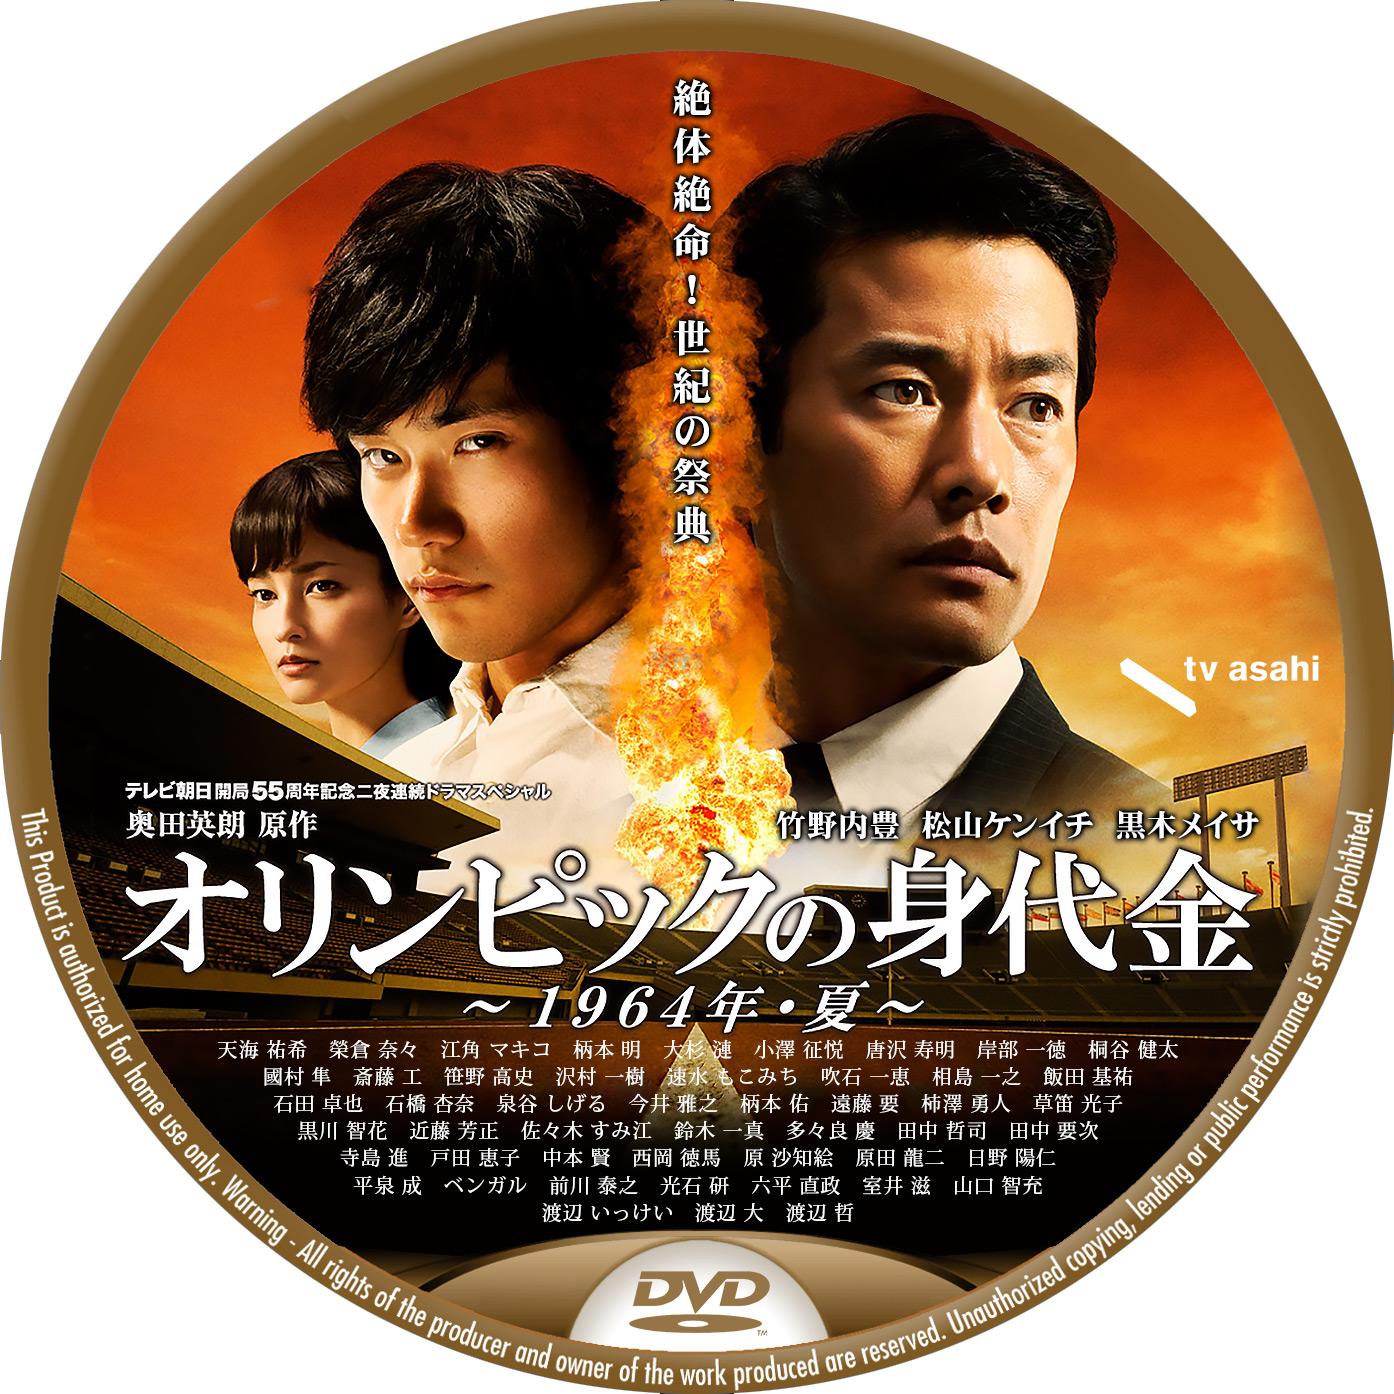 オリンピックの身代金 DVDラベル